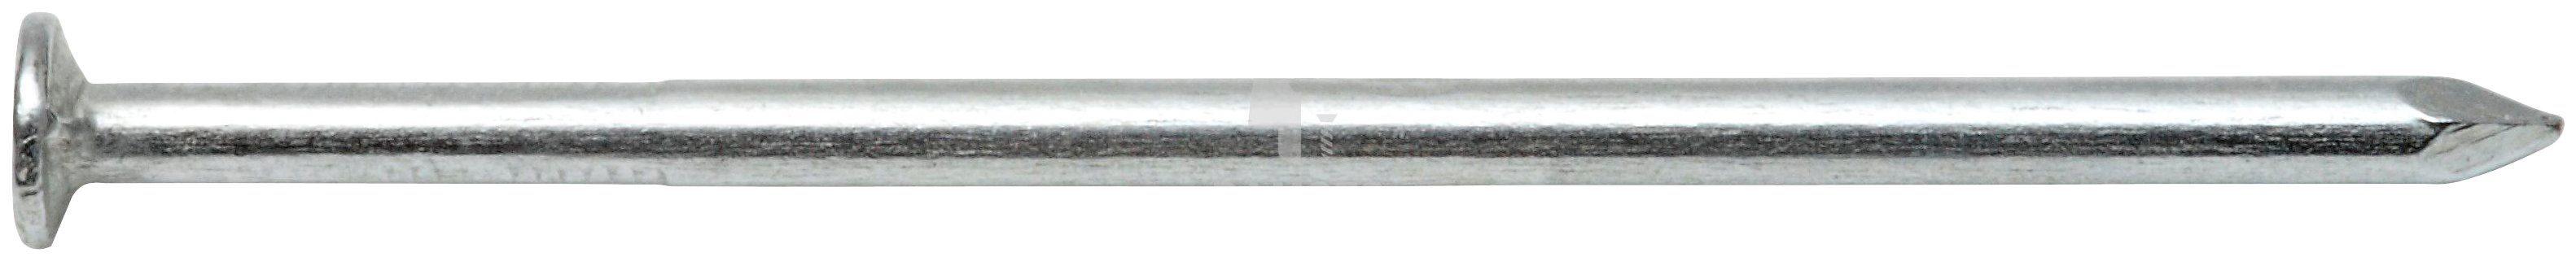 RAMSES Nagel , Senkkopf DIN 1151 2,5 x 60 mm Stahl verzinkt, 2,5 kg